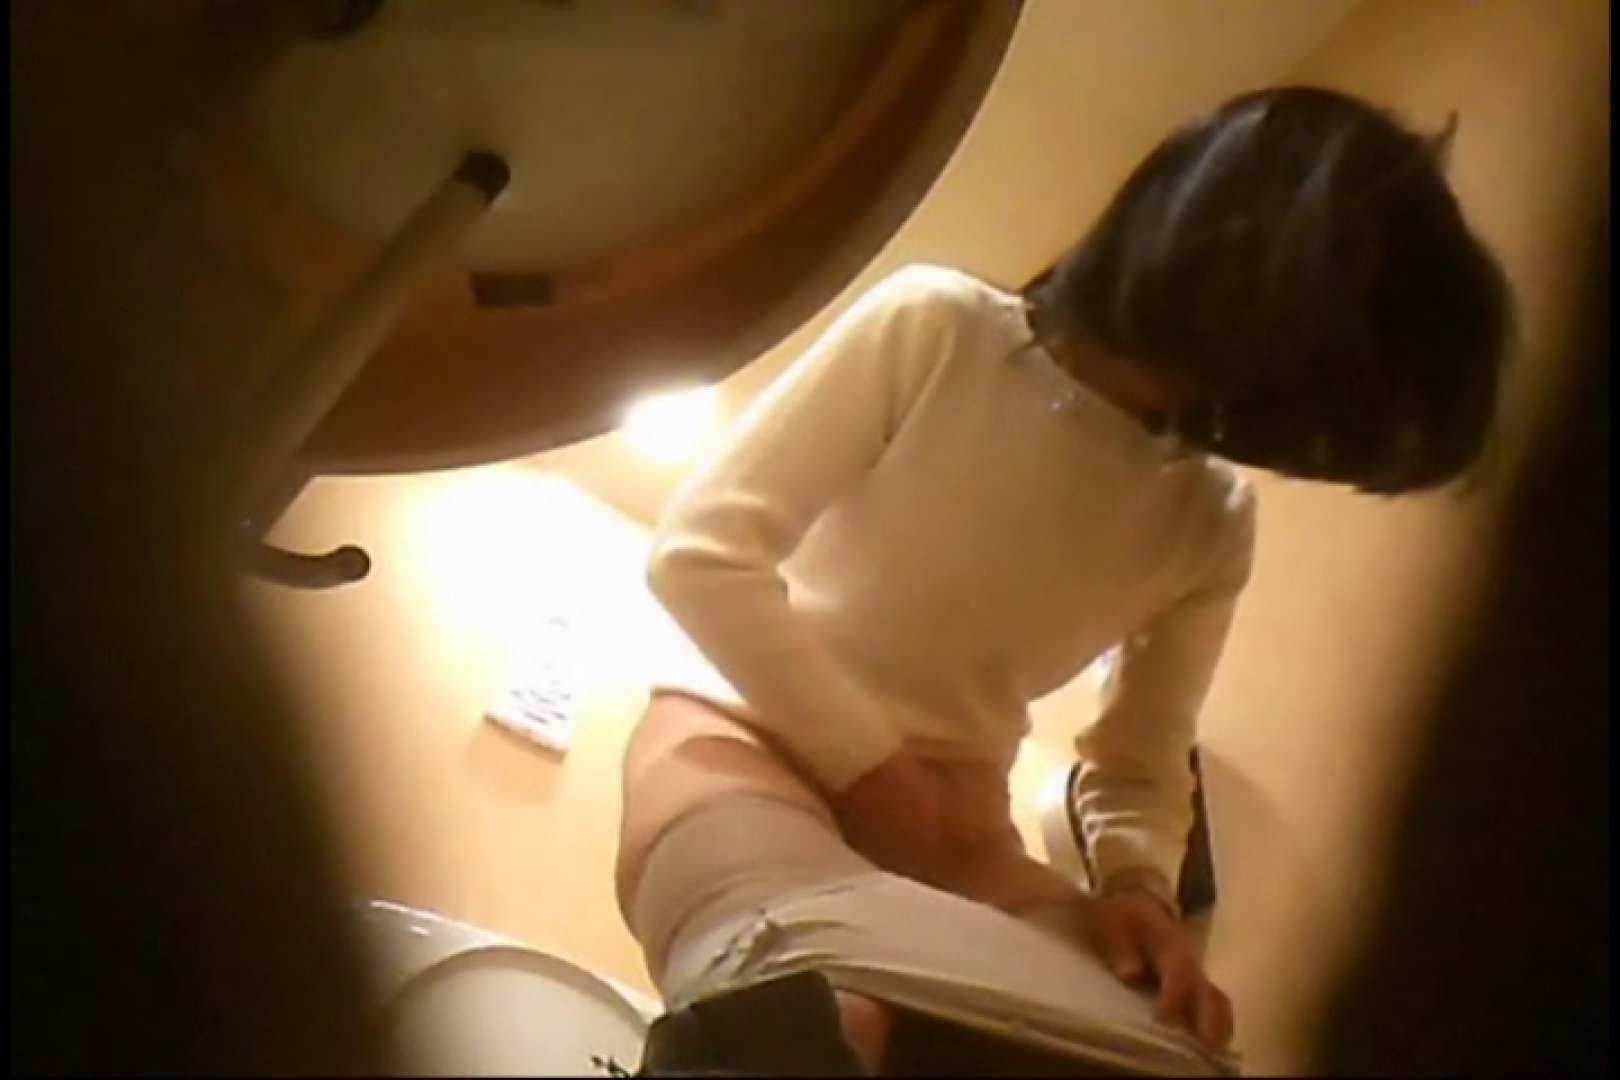 潜入!!女子化粧室盗撮~絶対見られたくない時間~vo,87 潜入 盗み撮りSEX無修正画像 96連発 92